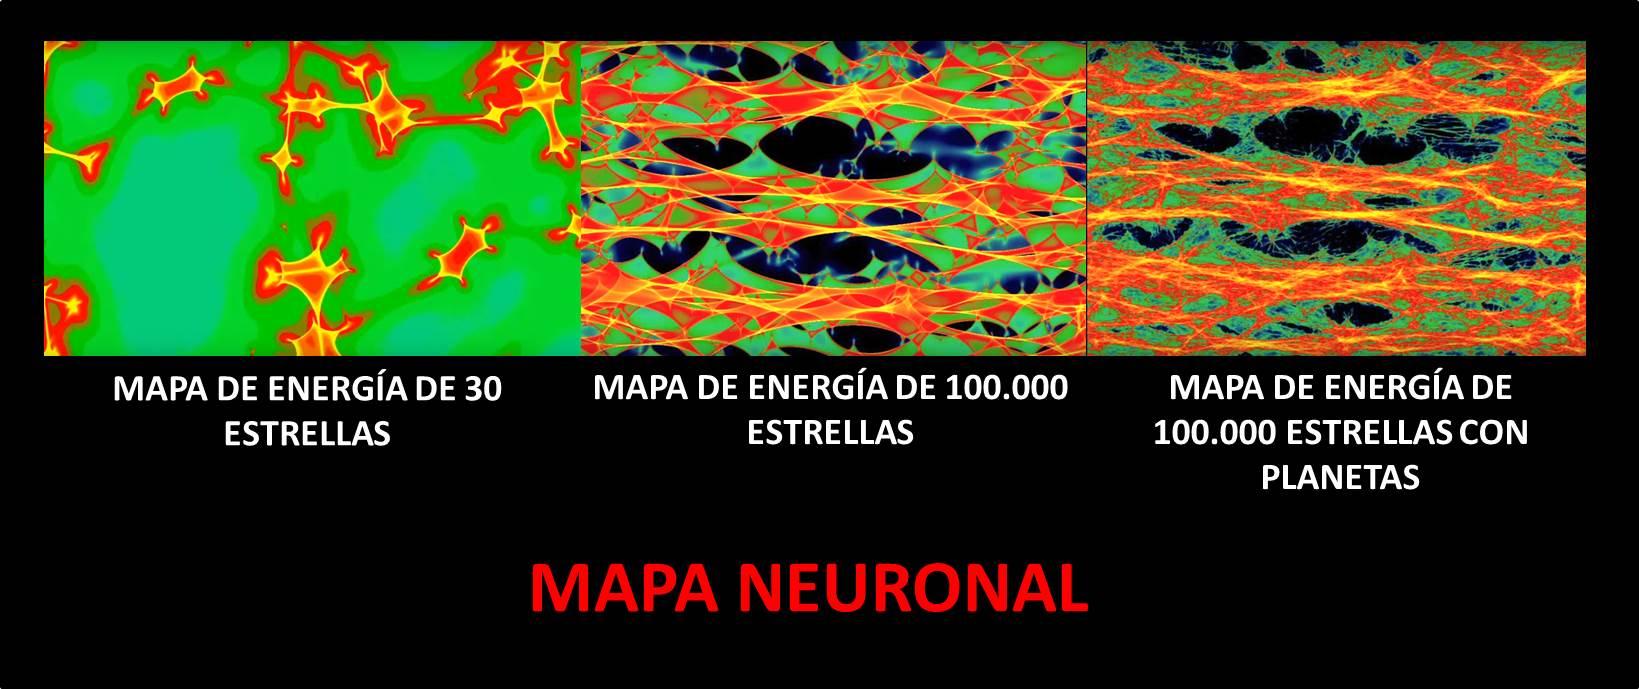 MapaNeuronal-MapaFísicaCuántica-MaritéRodríguez.InteligenciaCuántica-Neurociencia